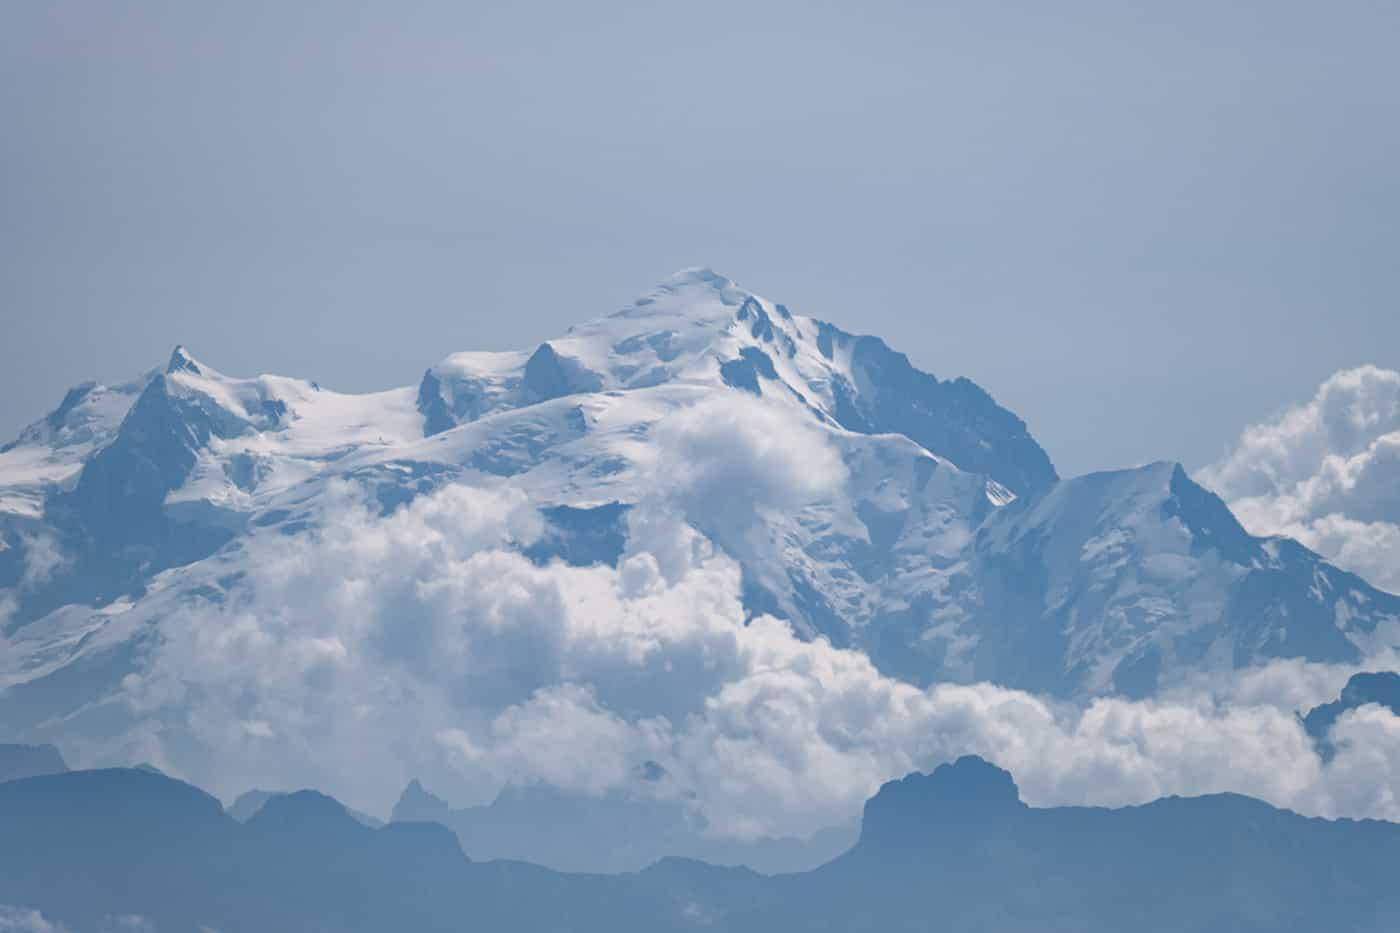 Vue sur le mont blanc depuis le Crêt de la Neige